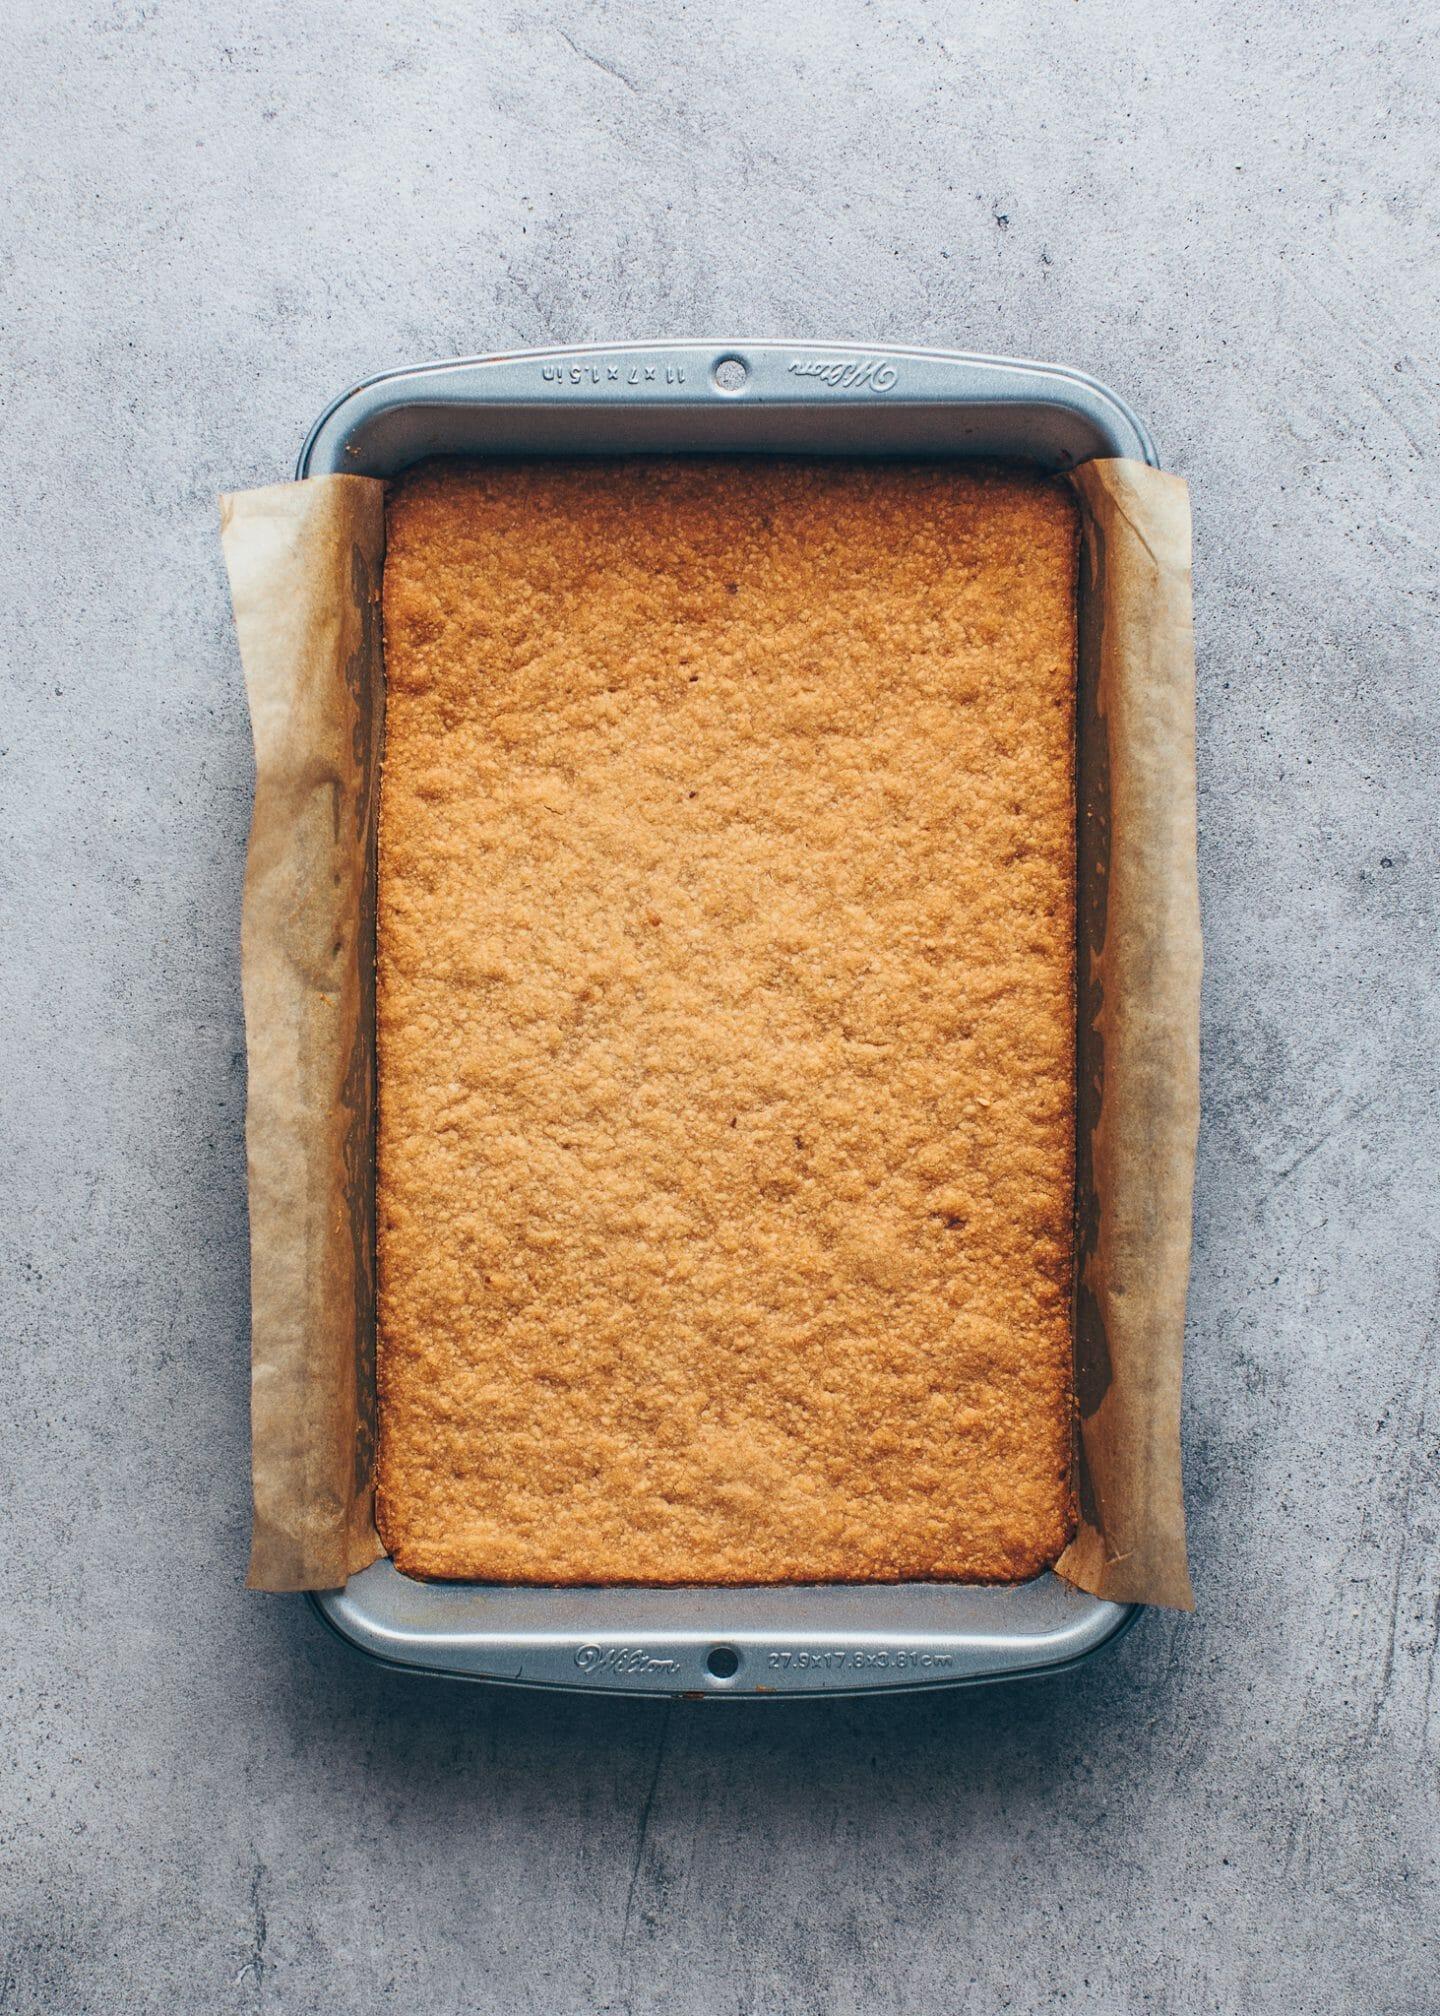 Gebackener Kuchenboden aus Keksen